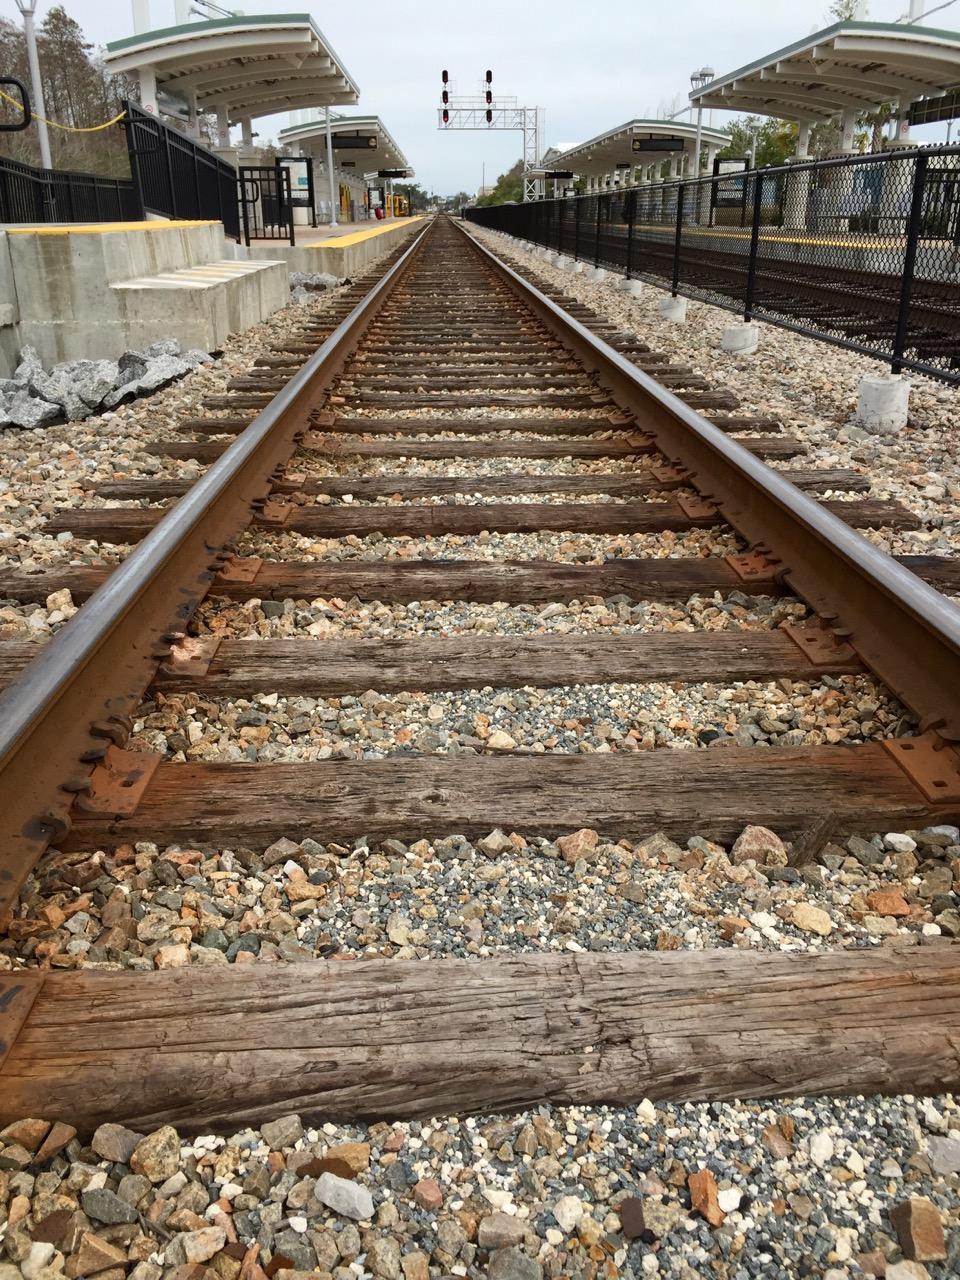 Sunrail Tracks at Sand Lake Road Station